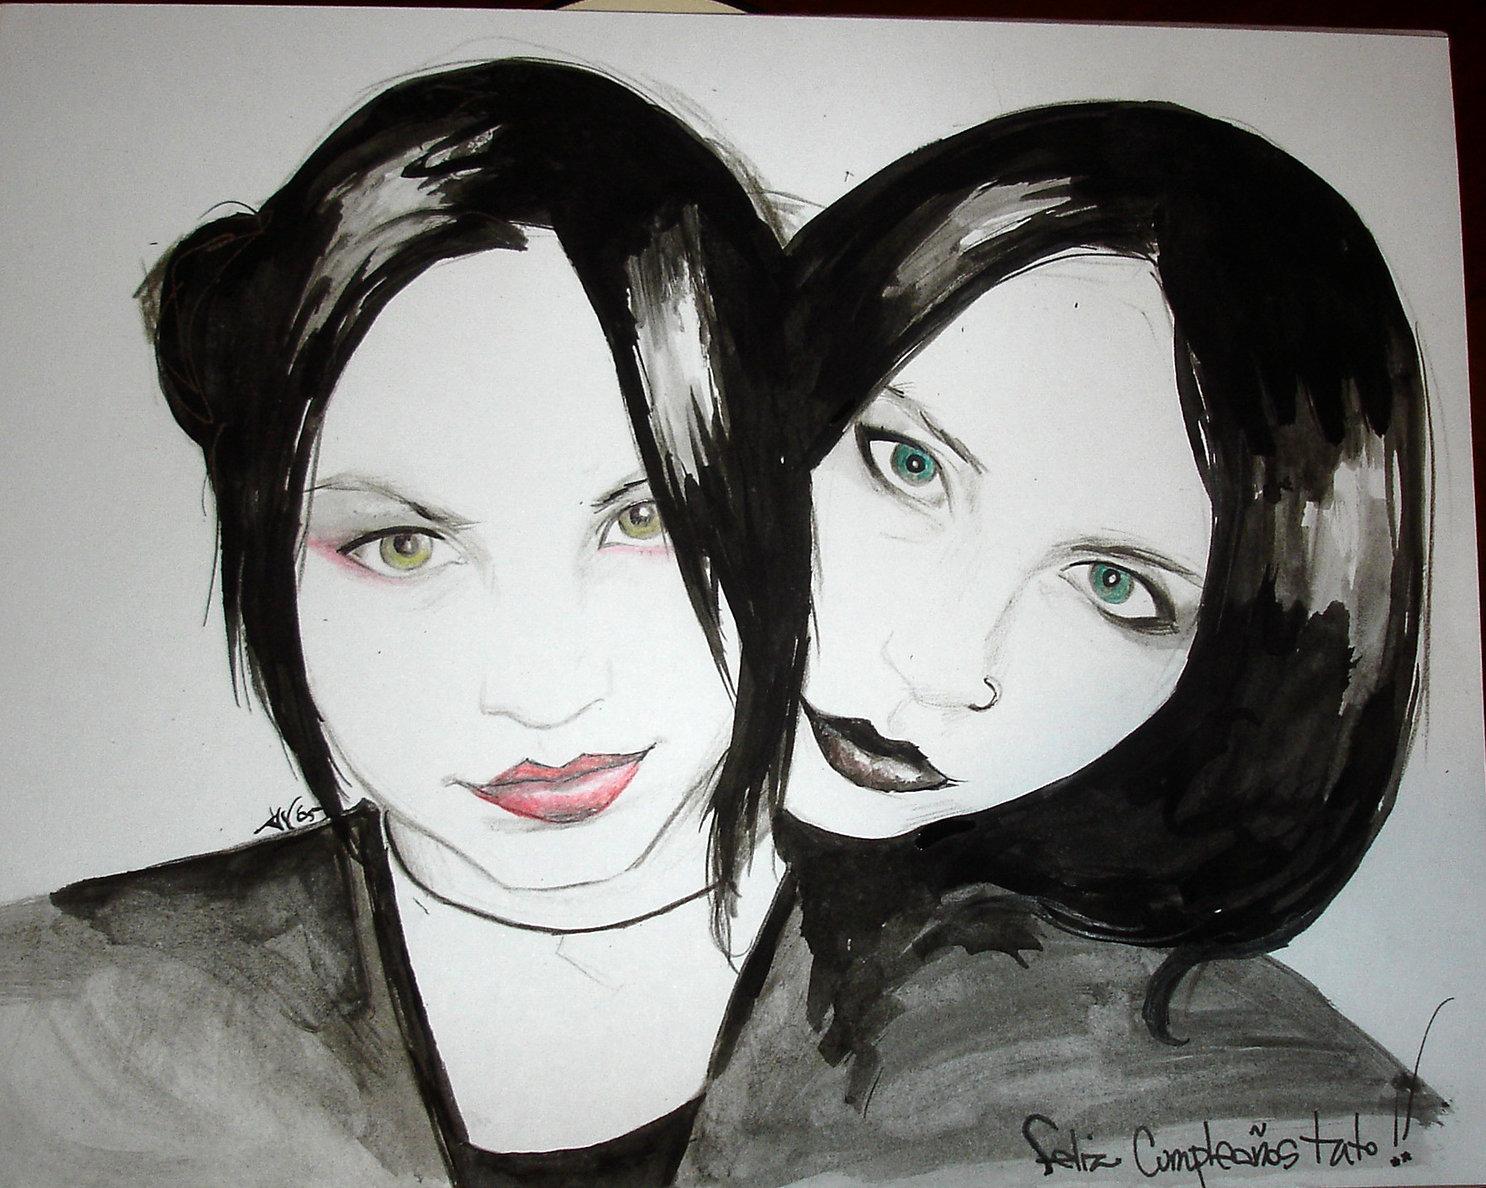 Tato y Carla by kthrina 1486x1188